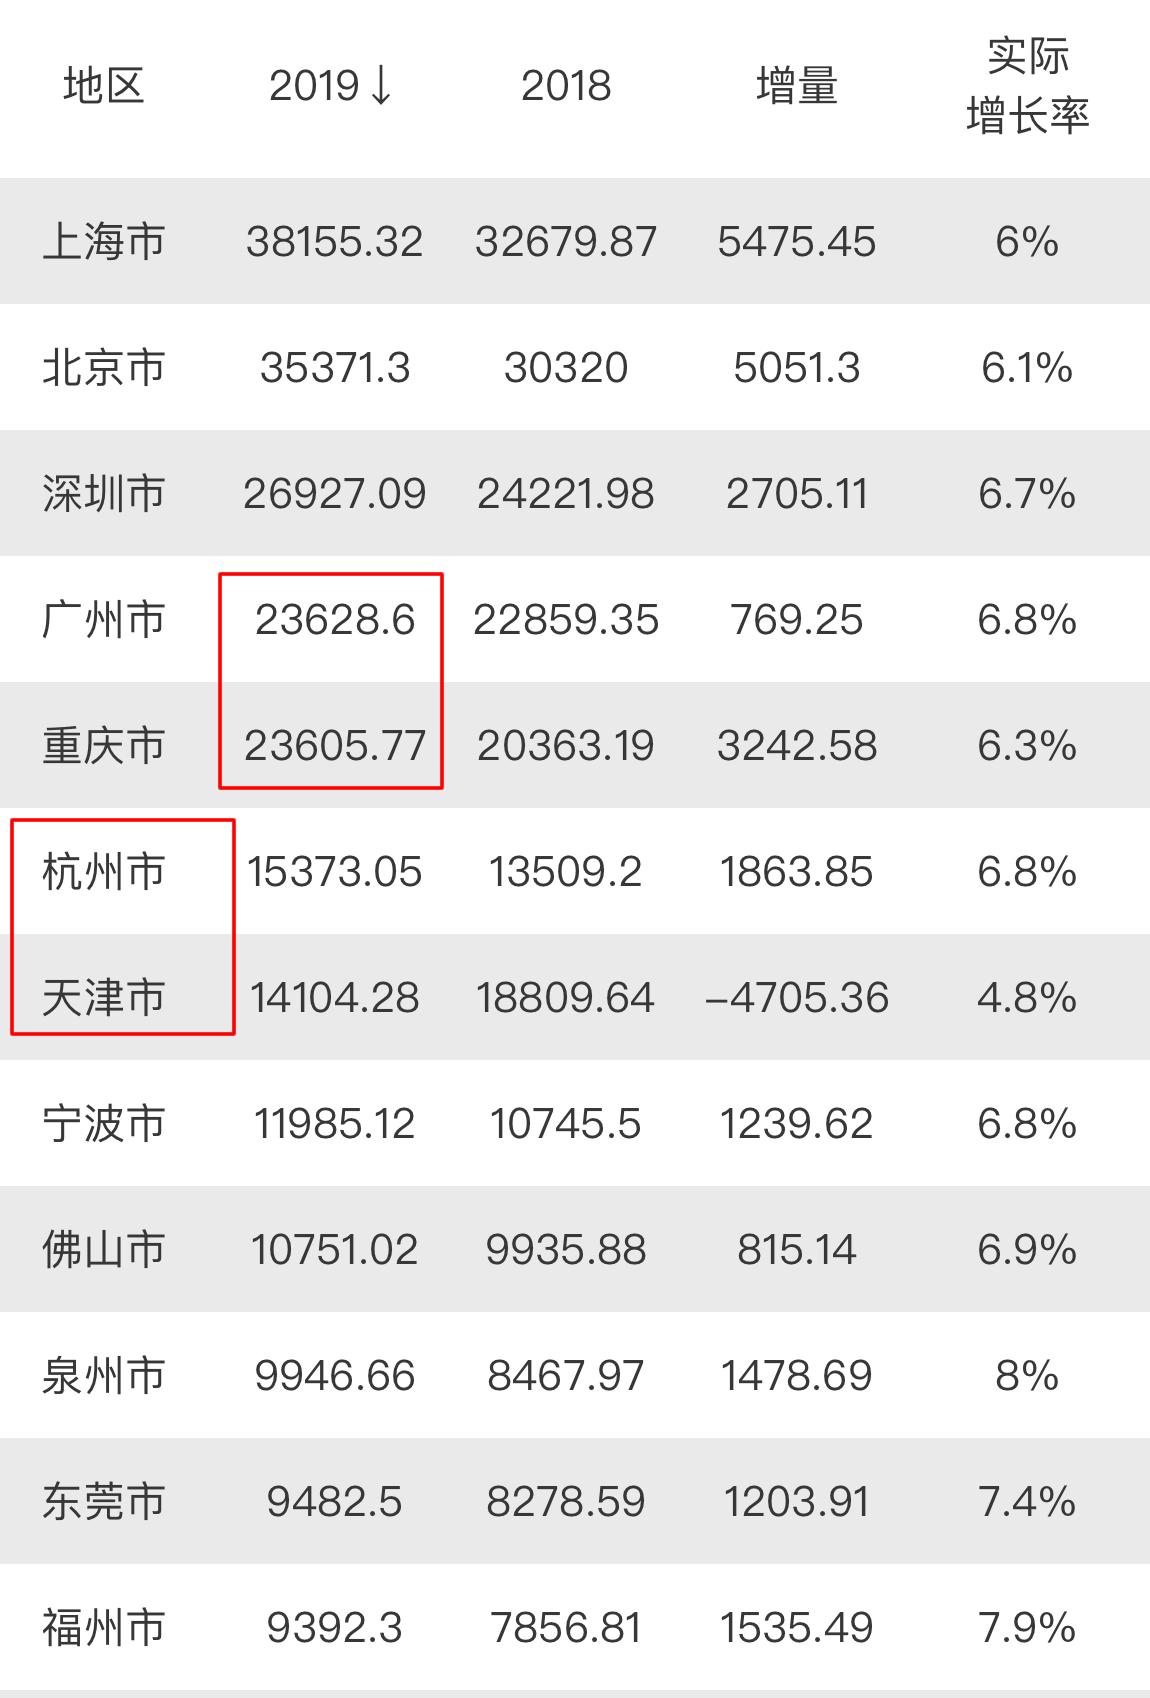 2019年广州市GDP仅比重庆多23亿元!那深圳、天津的呢?